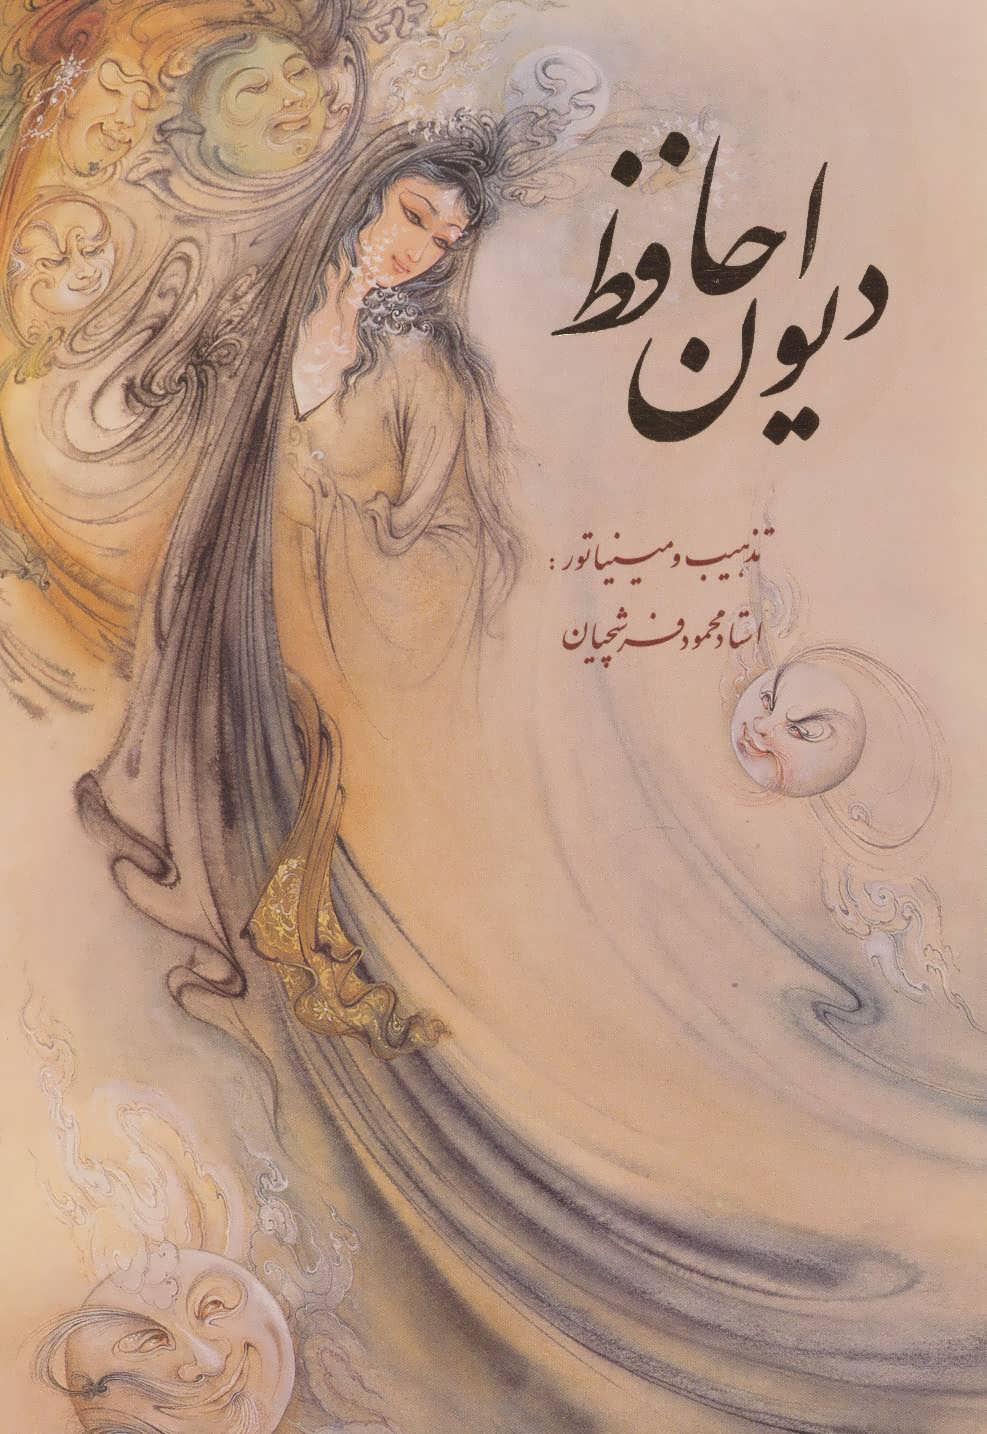 دیوان حافظ فرشچیان (2طرح)،(2زبانه،گلاسه،باقاب)